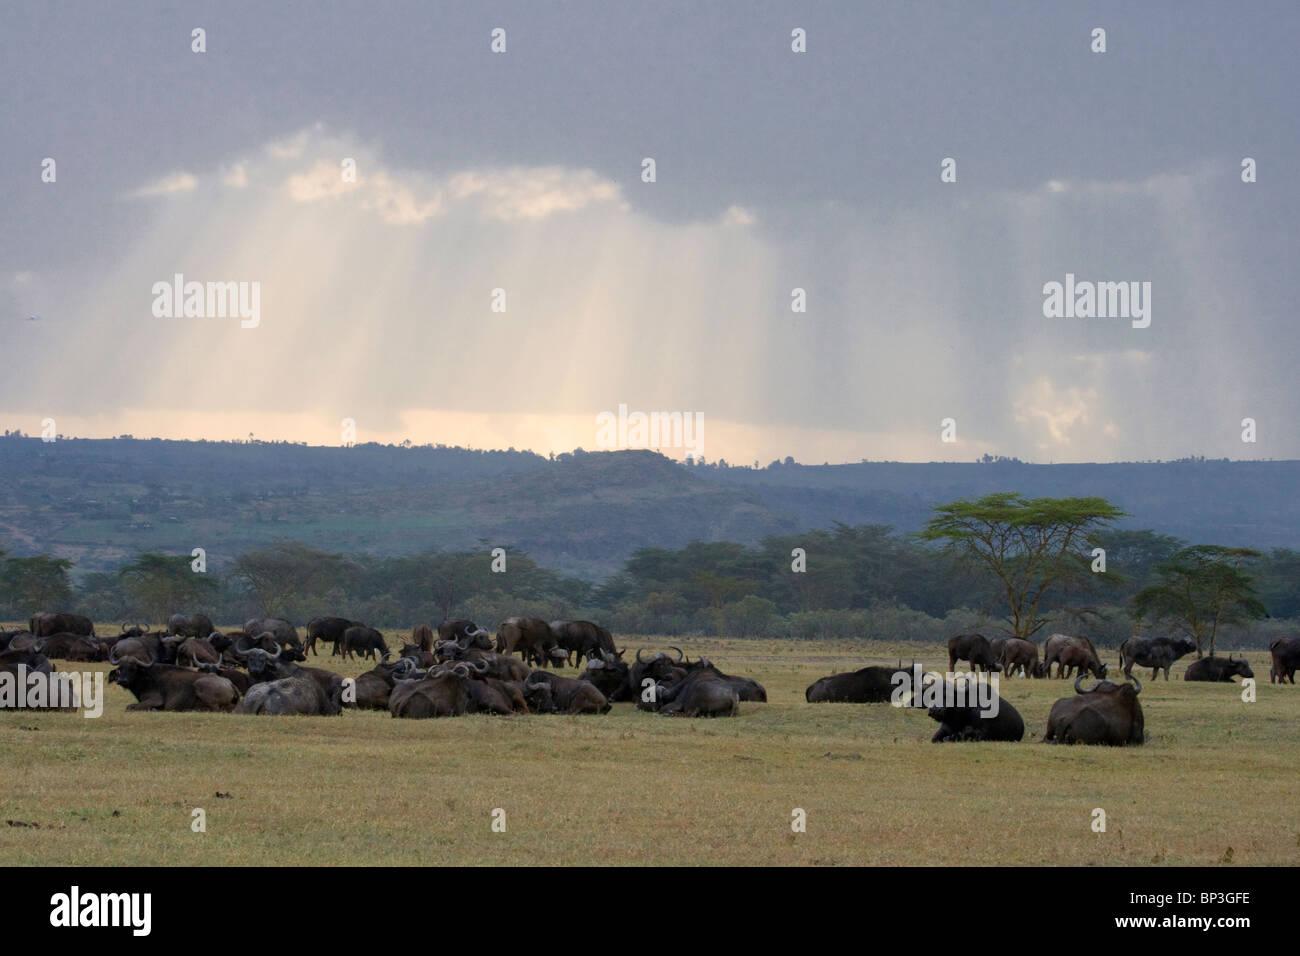 African buffalos (Syncerus caffer) laying after rain in savanna, along the coast of lake Nakuru, Kenya. - Stock Image